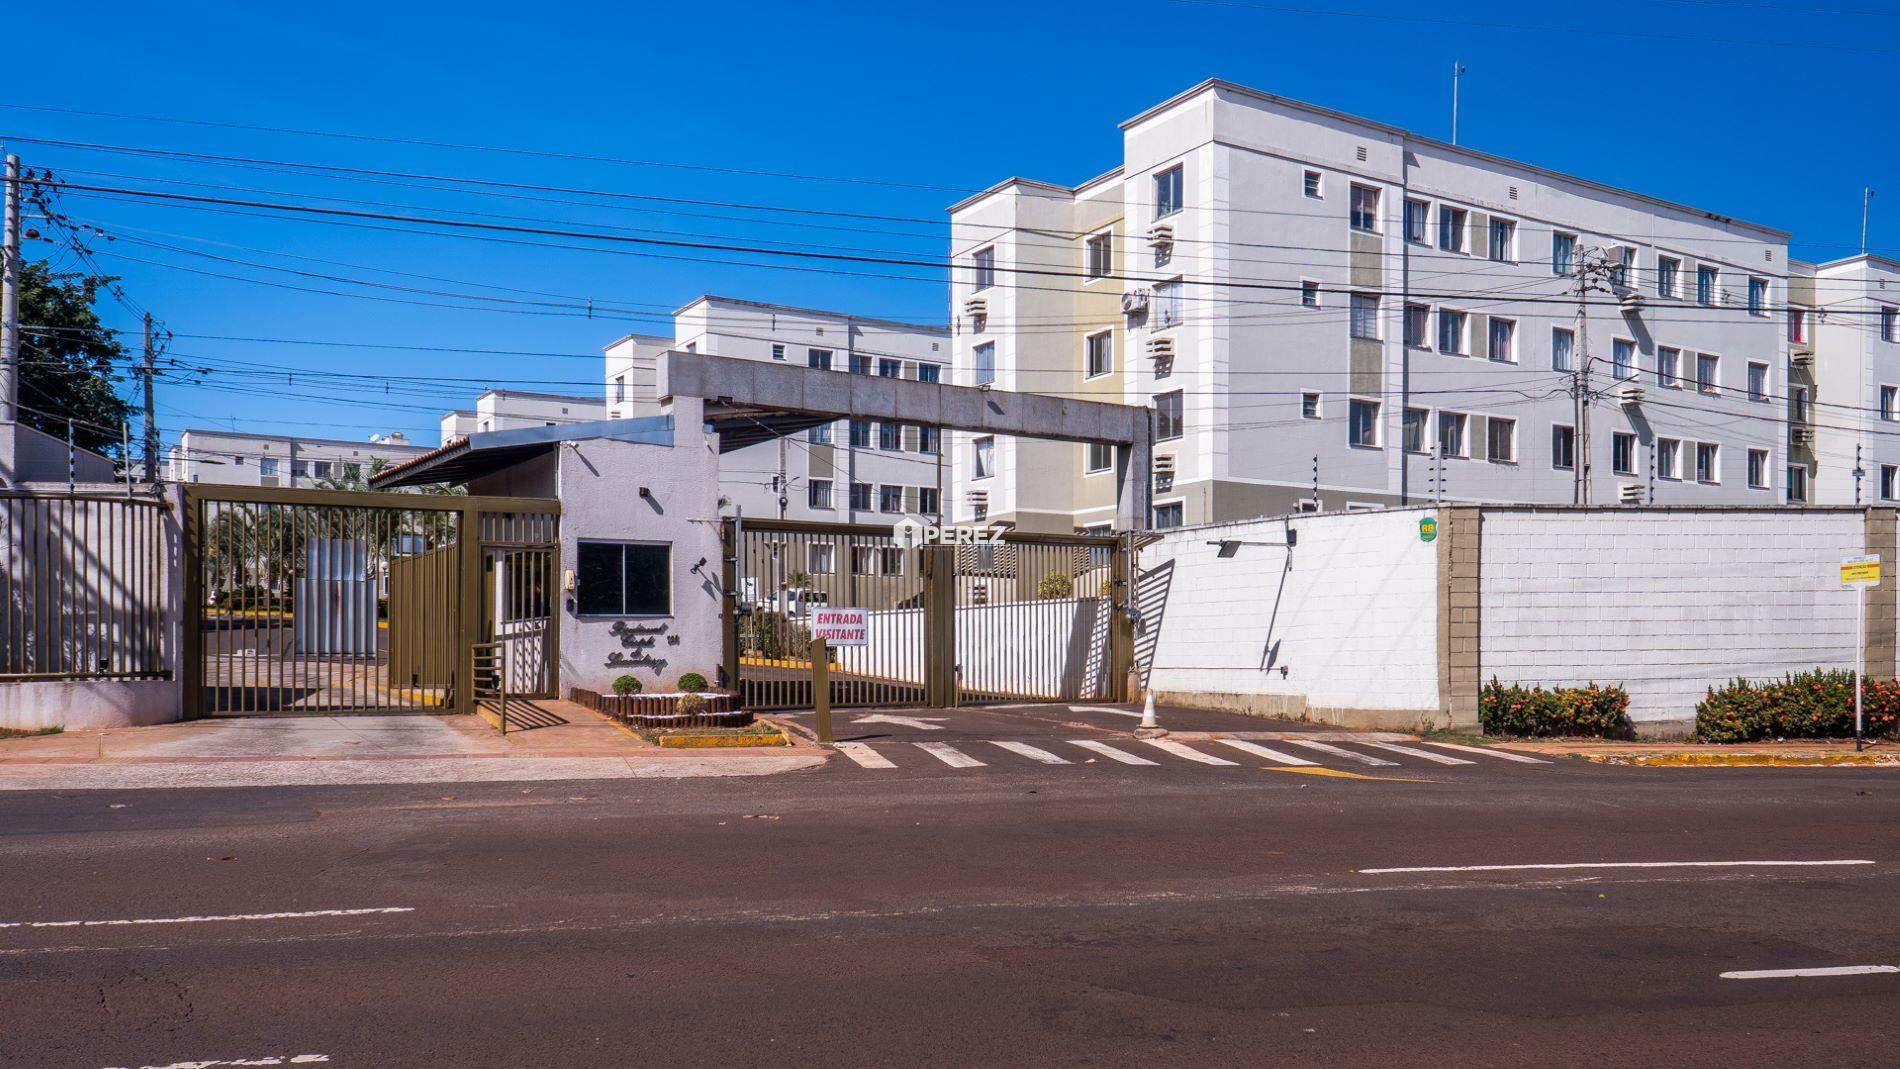 aluguel-campo-grande-ms-apartamento-senador-antonio-mendes-canale-pioneiros-perez-imoveis